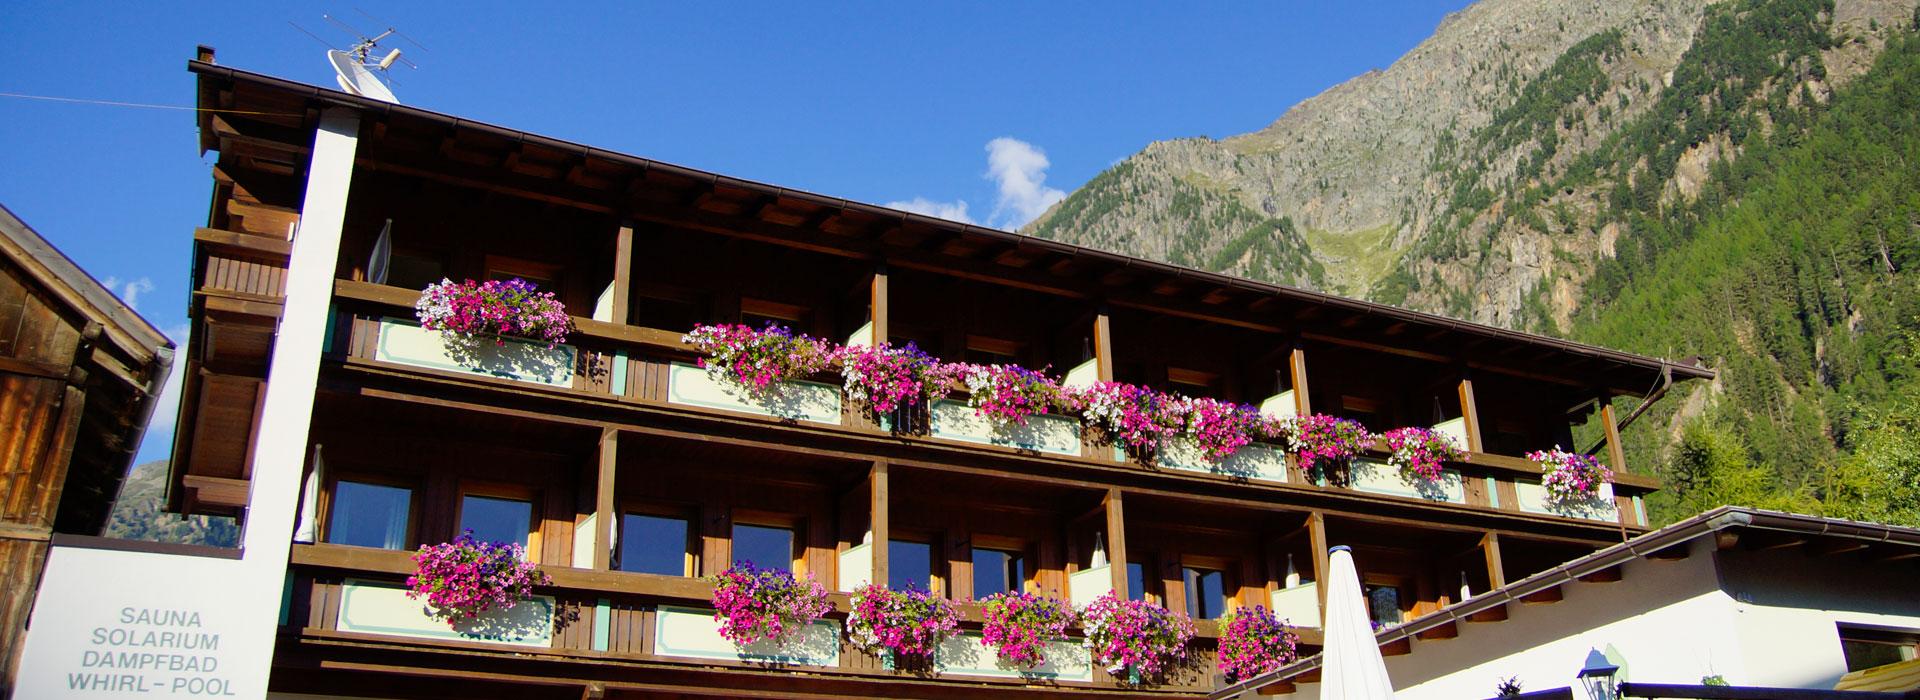 Impressionen De impressionen hotel garni hainbacher hof sölden